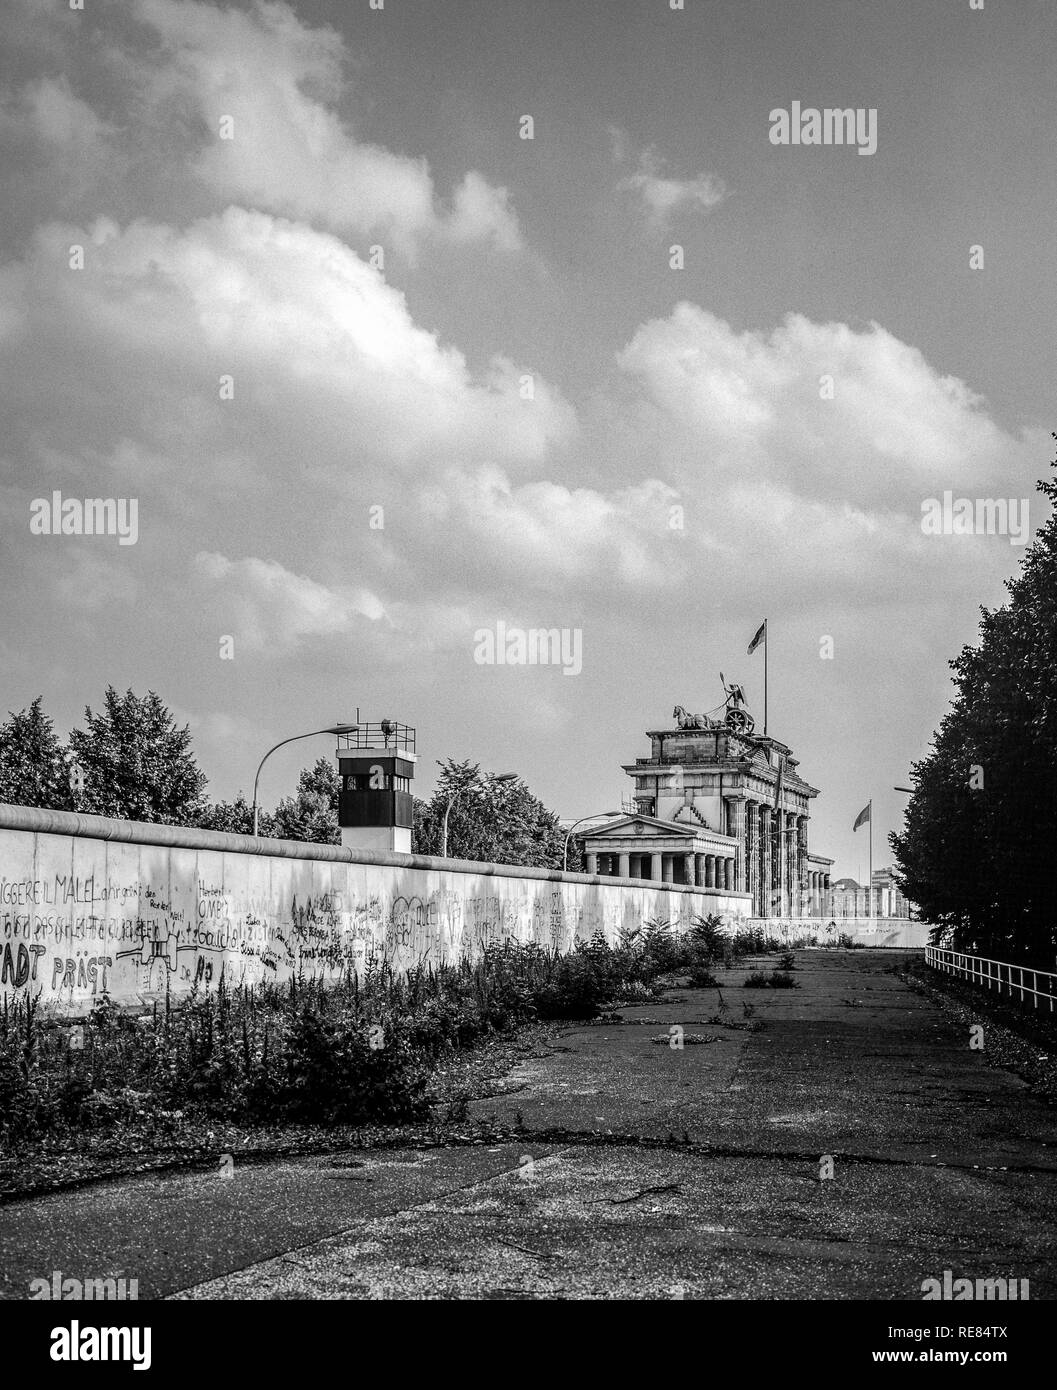 Agosto 1986, il muro di Berlino e la torre di avvistamento East-Berlin accanto alla Porta di Brandeburgo a Berlino Ovest lato, Germania, Europa Immagini Stock